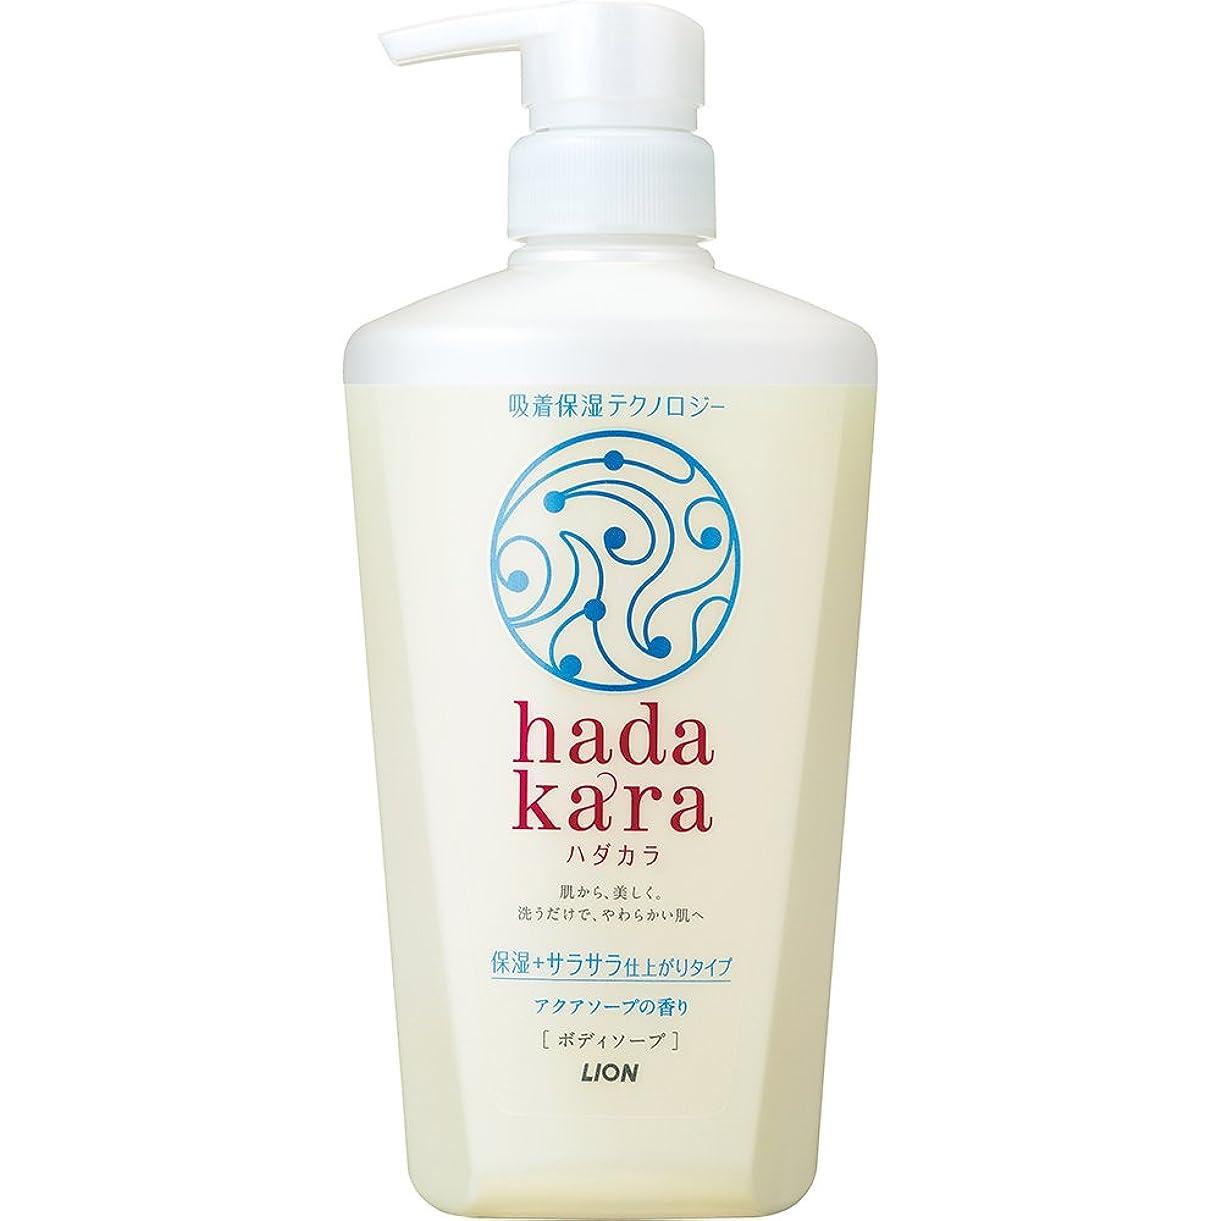 忘れっぽいスクリーチすきhadakara(ハダカラ) ボディソープ 保湿+サラサラ仕上がりタイプ アクアソープの香り 本体 480ml